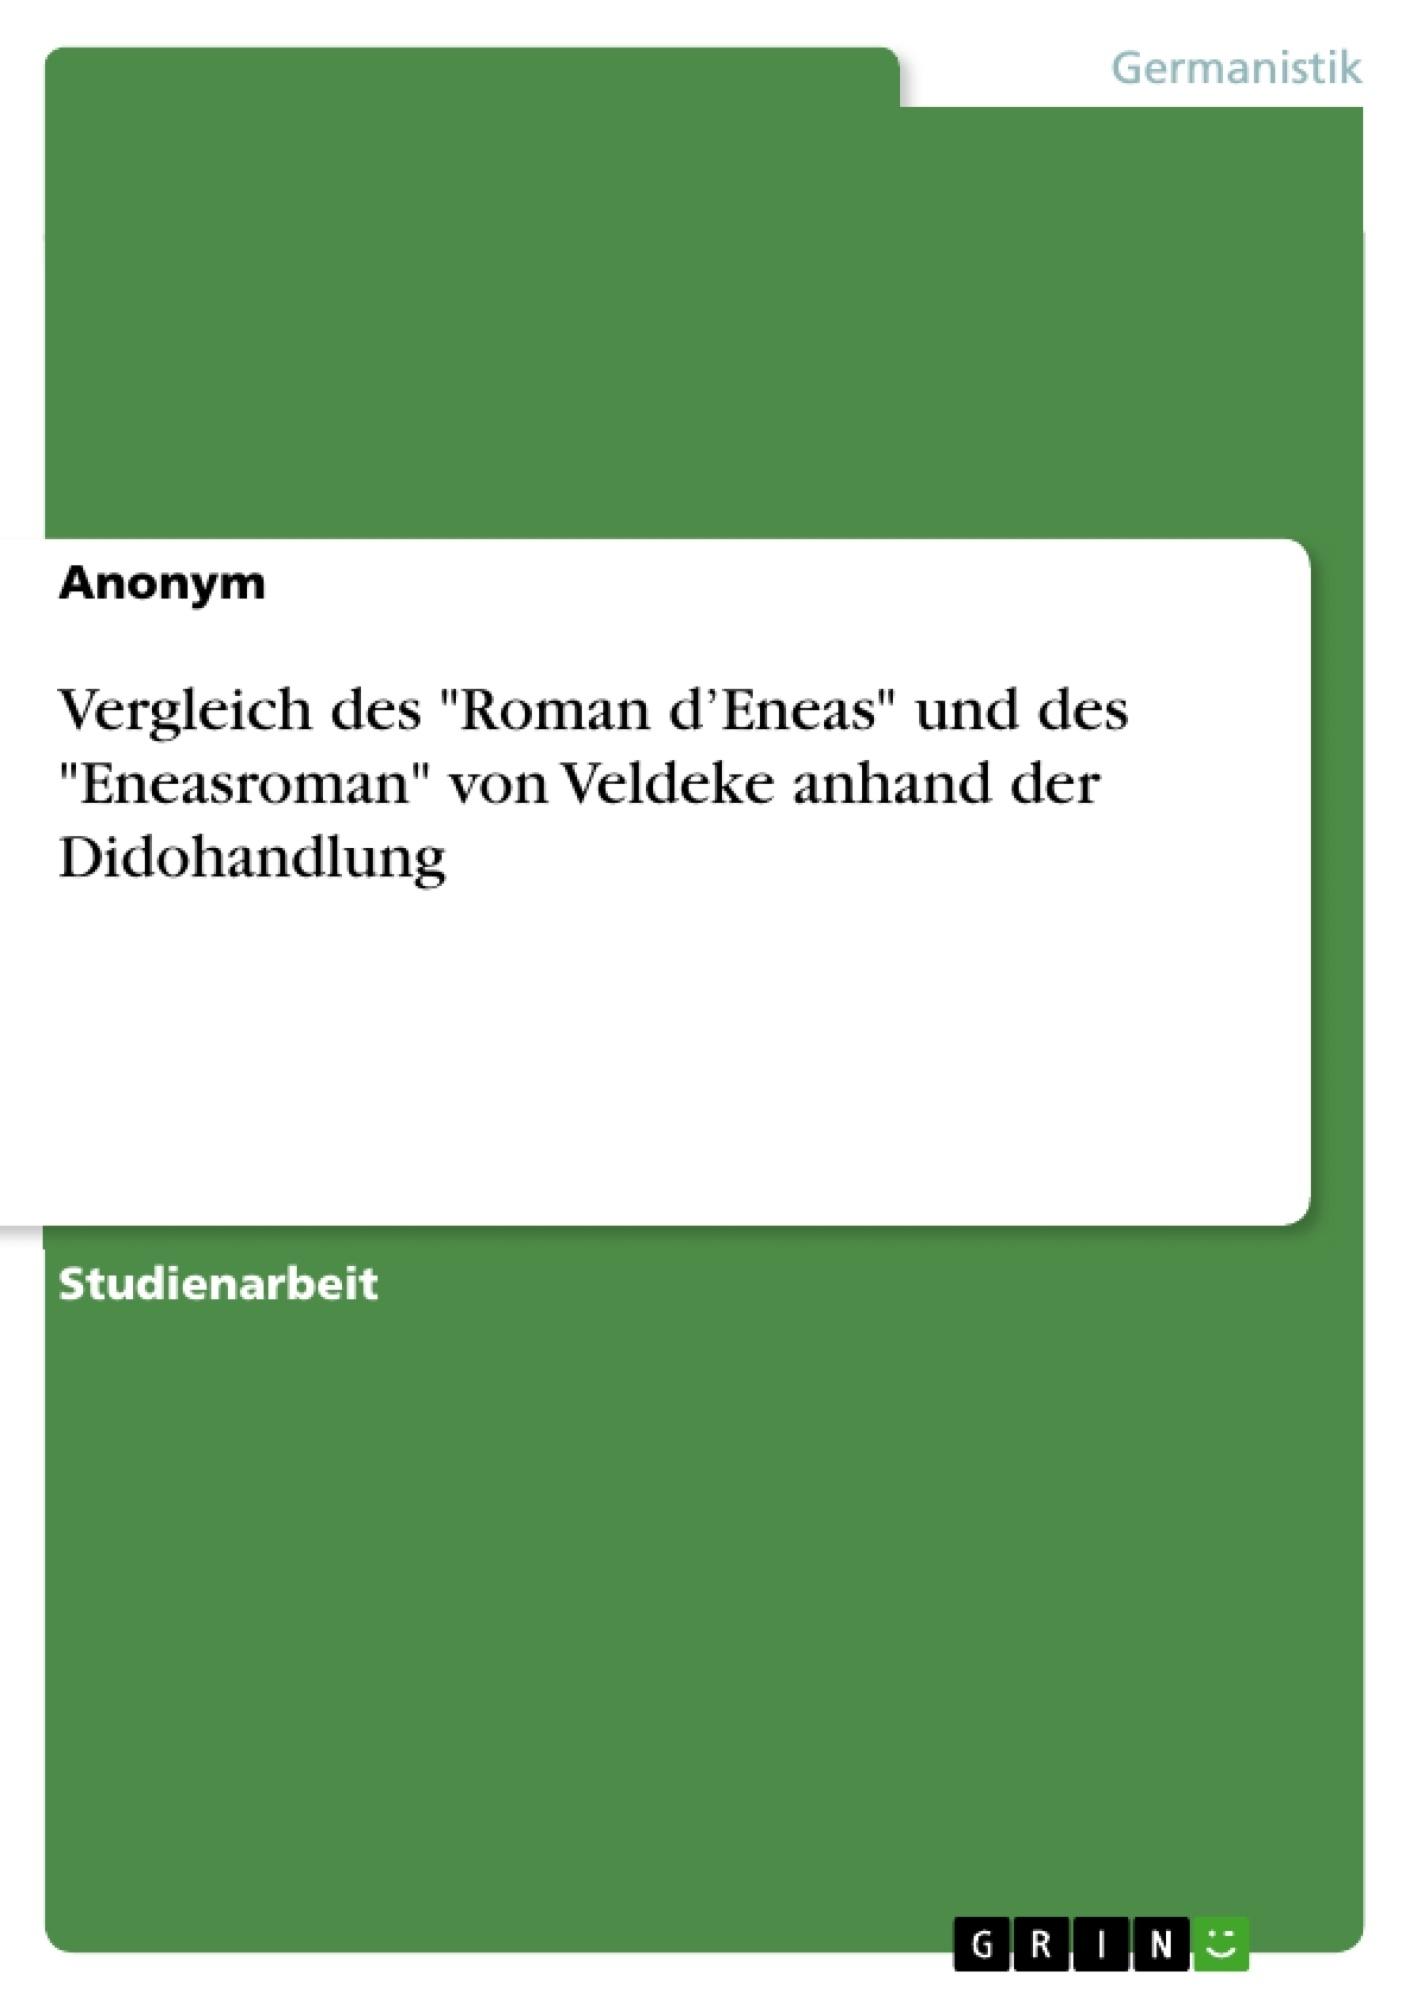 """Titel: Vergleich des """"Roman d'Eneas"""" und des """"Eneasroman"""" von Veldeke anhand der Didohandlung"""